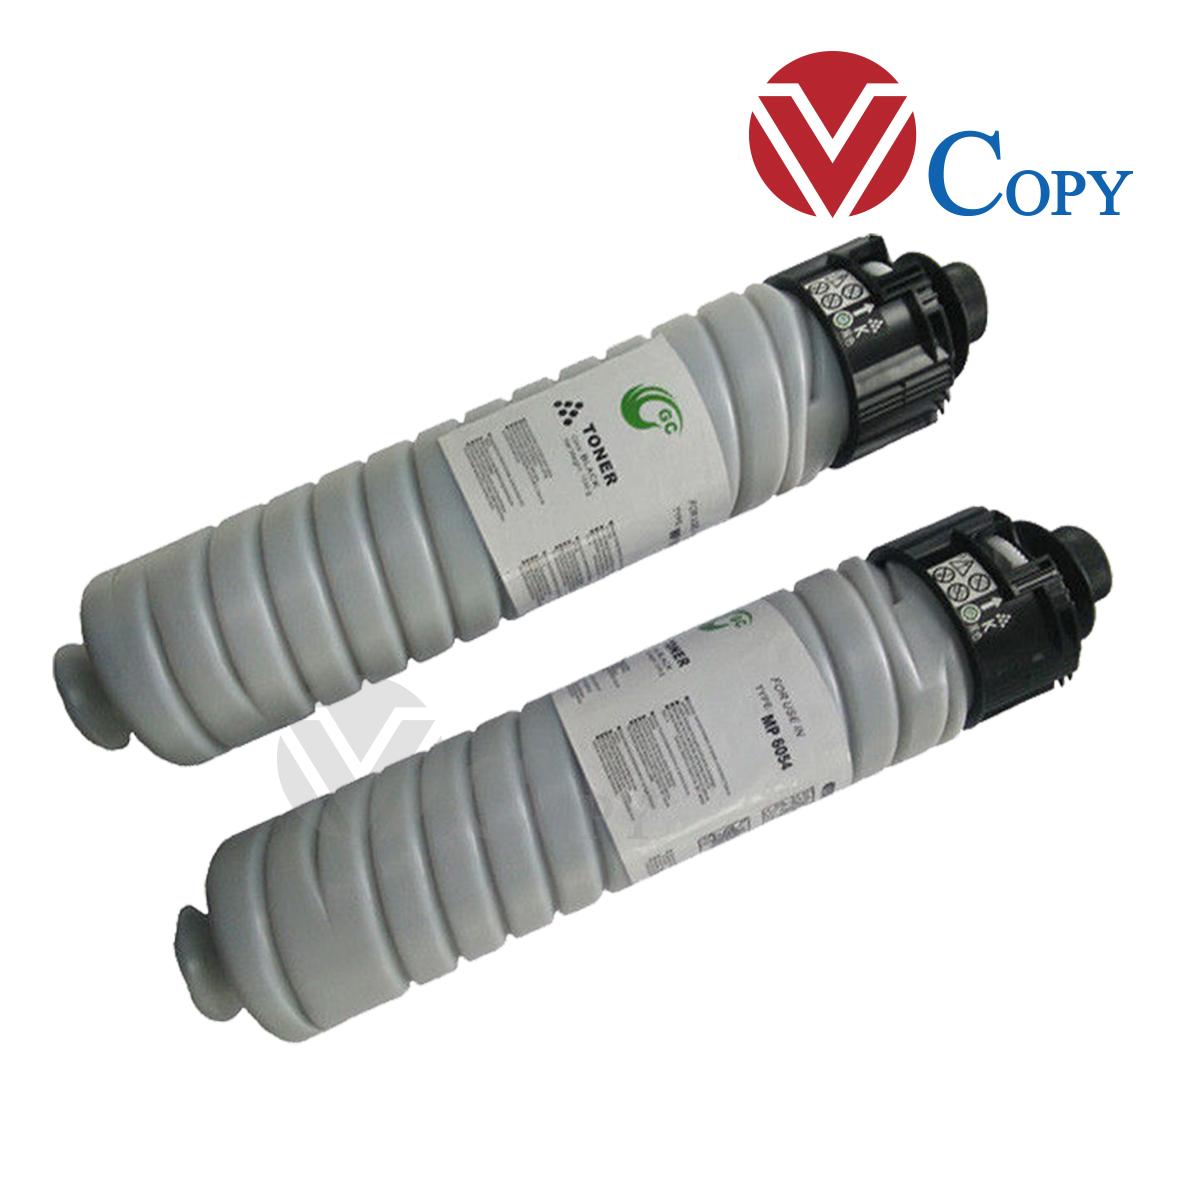 Mực Thương hiệu dùng cho máy photocopy Ricoh MP 4054/6054/5055/4055/6055 _MP 6054